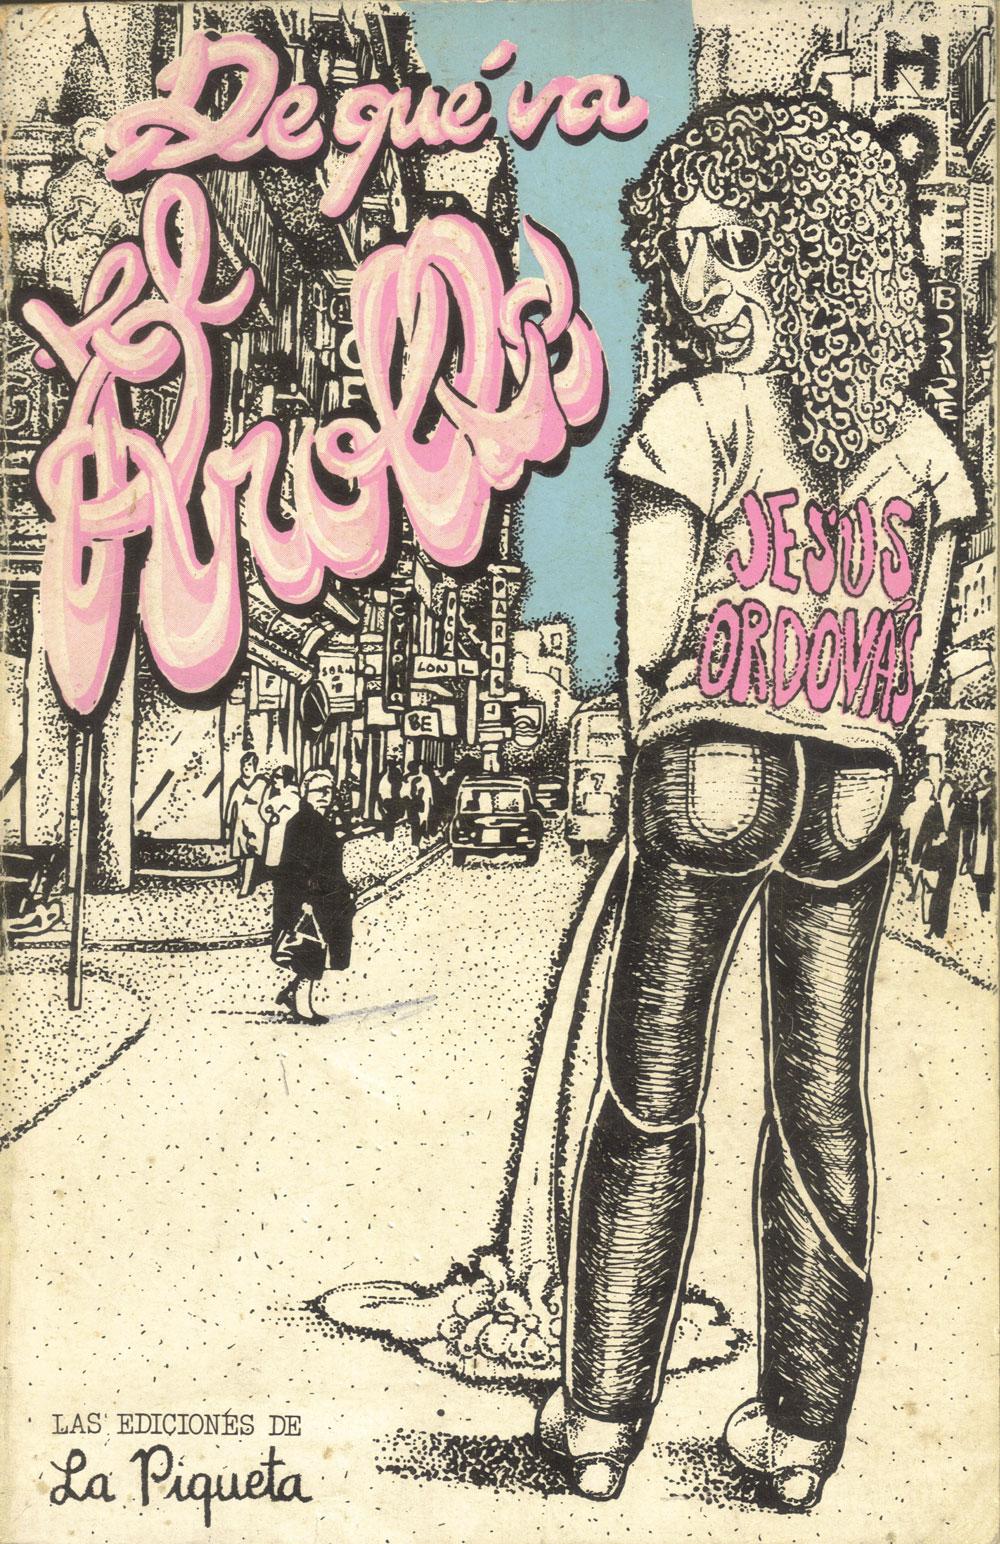 De qué va el Rrollo . Jesús Ordovás (La Piqueta, 1977)